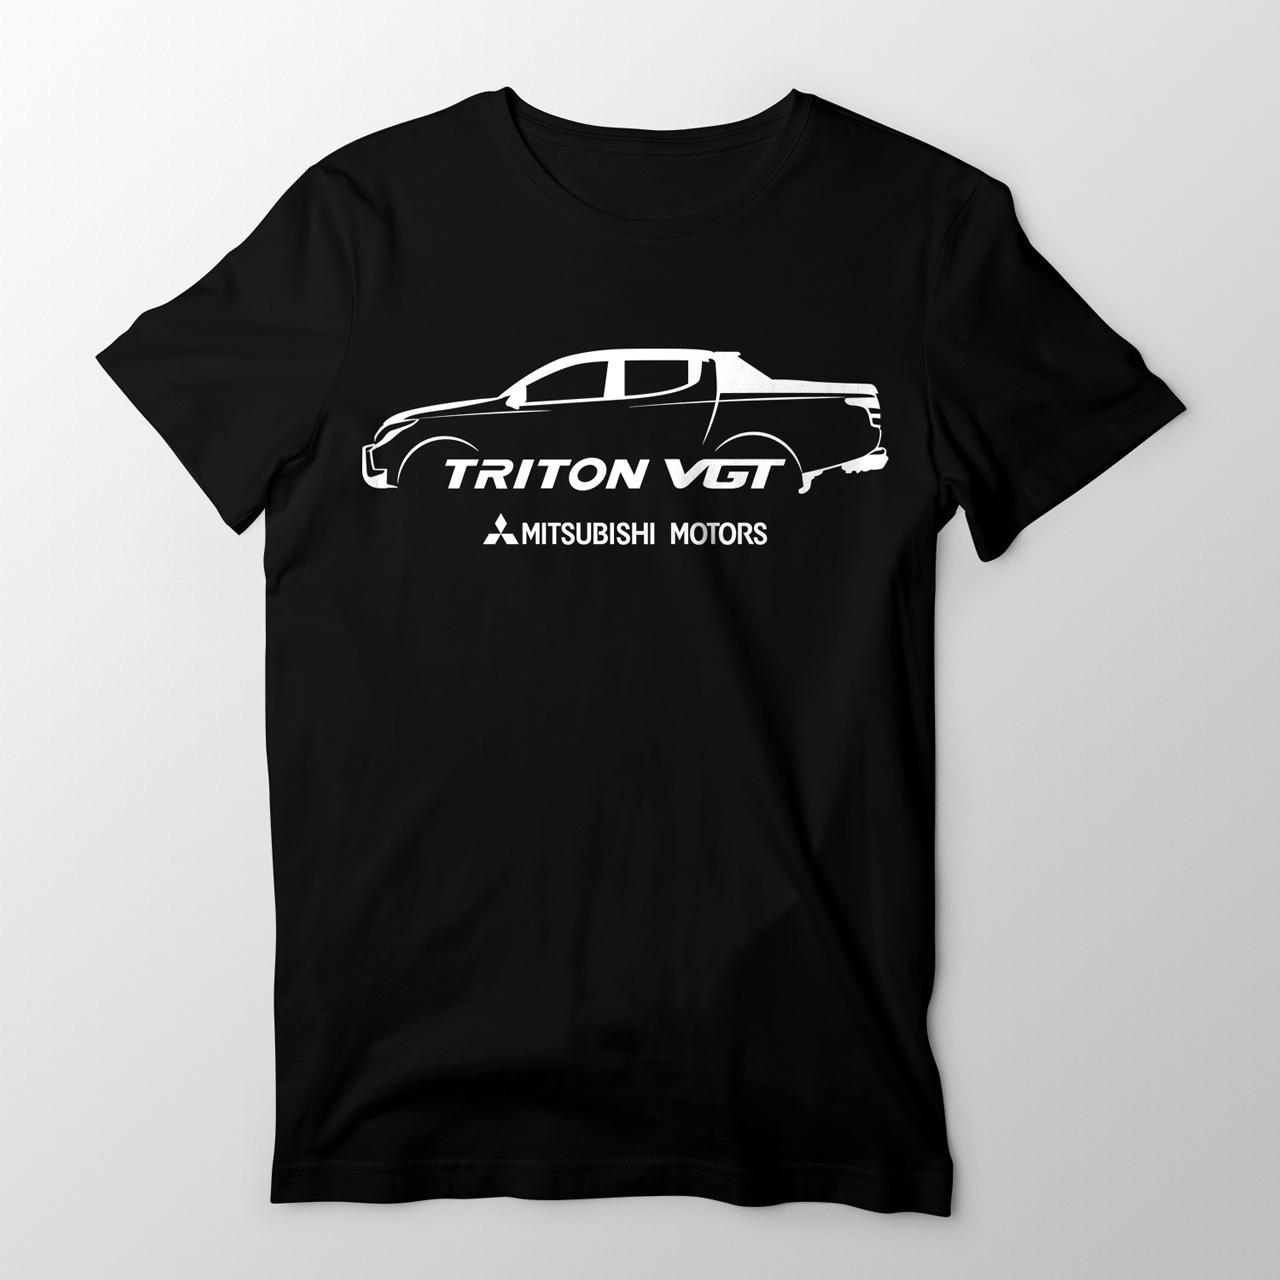 Sebangga Dunia Mitsubishi Triton VGT Black Graphic Tees Front 06